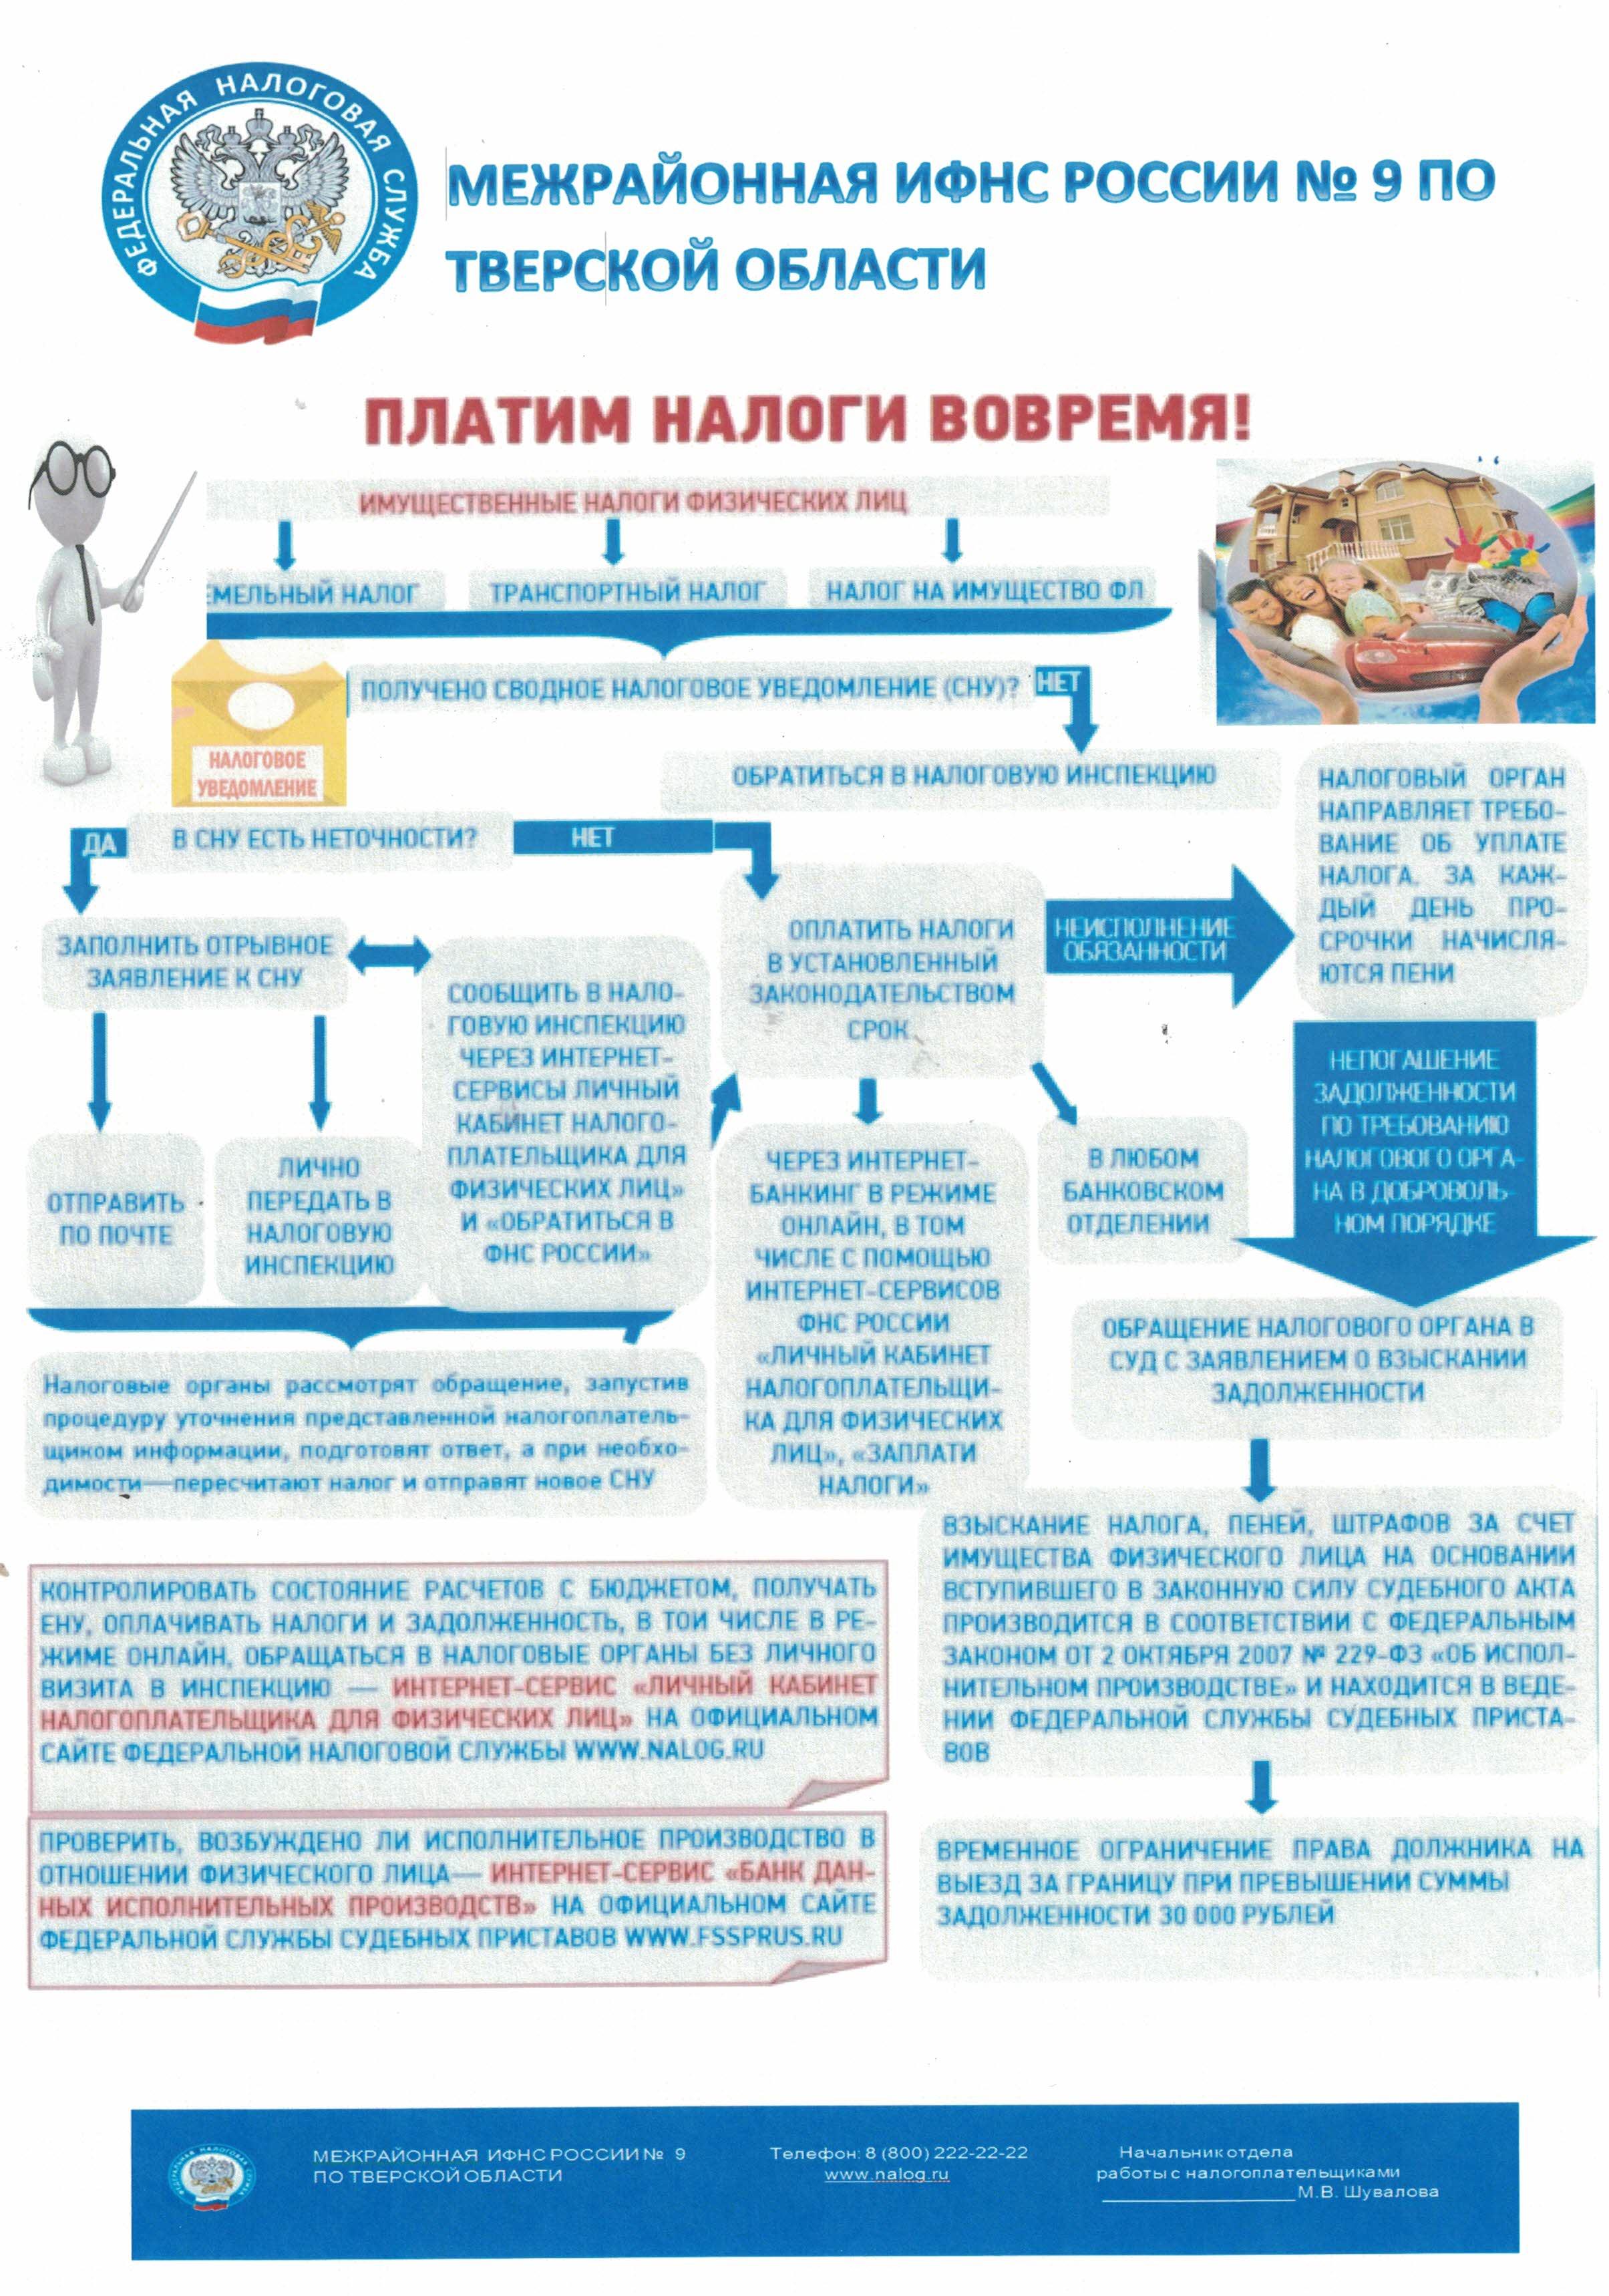 Медицинская книжка Лосино Петровский тверская